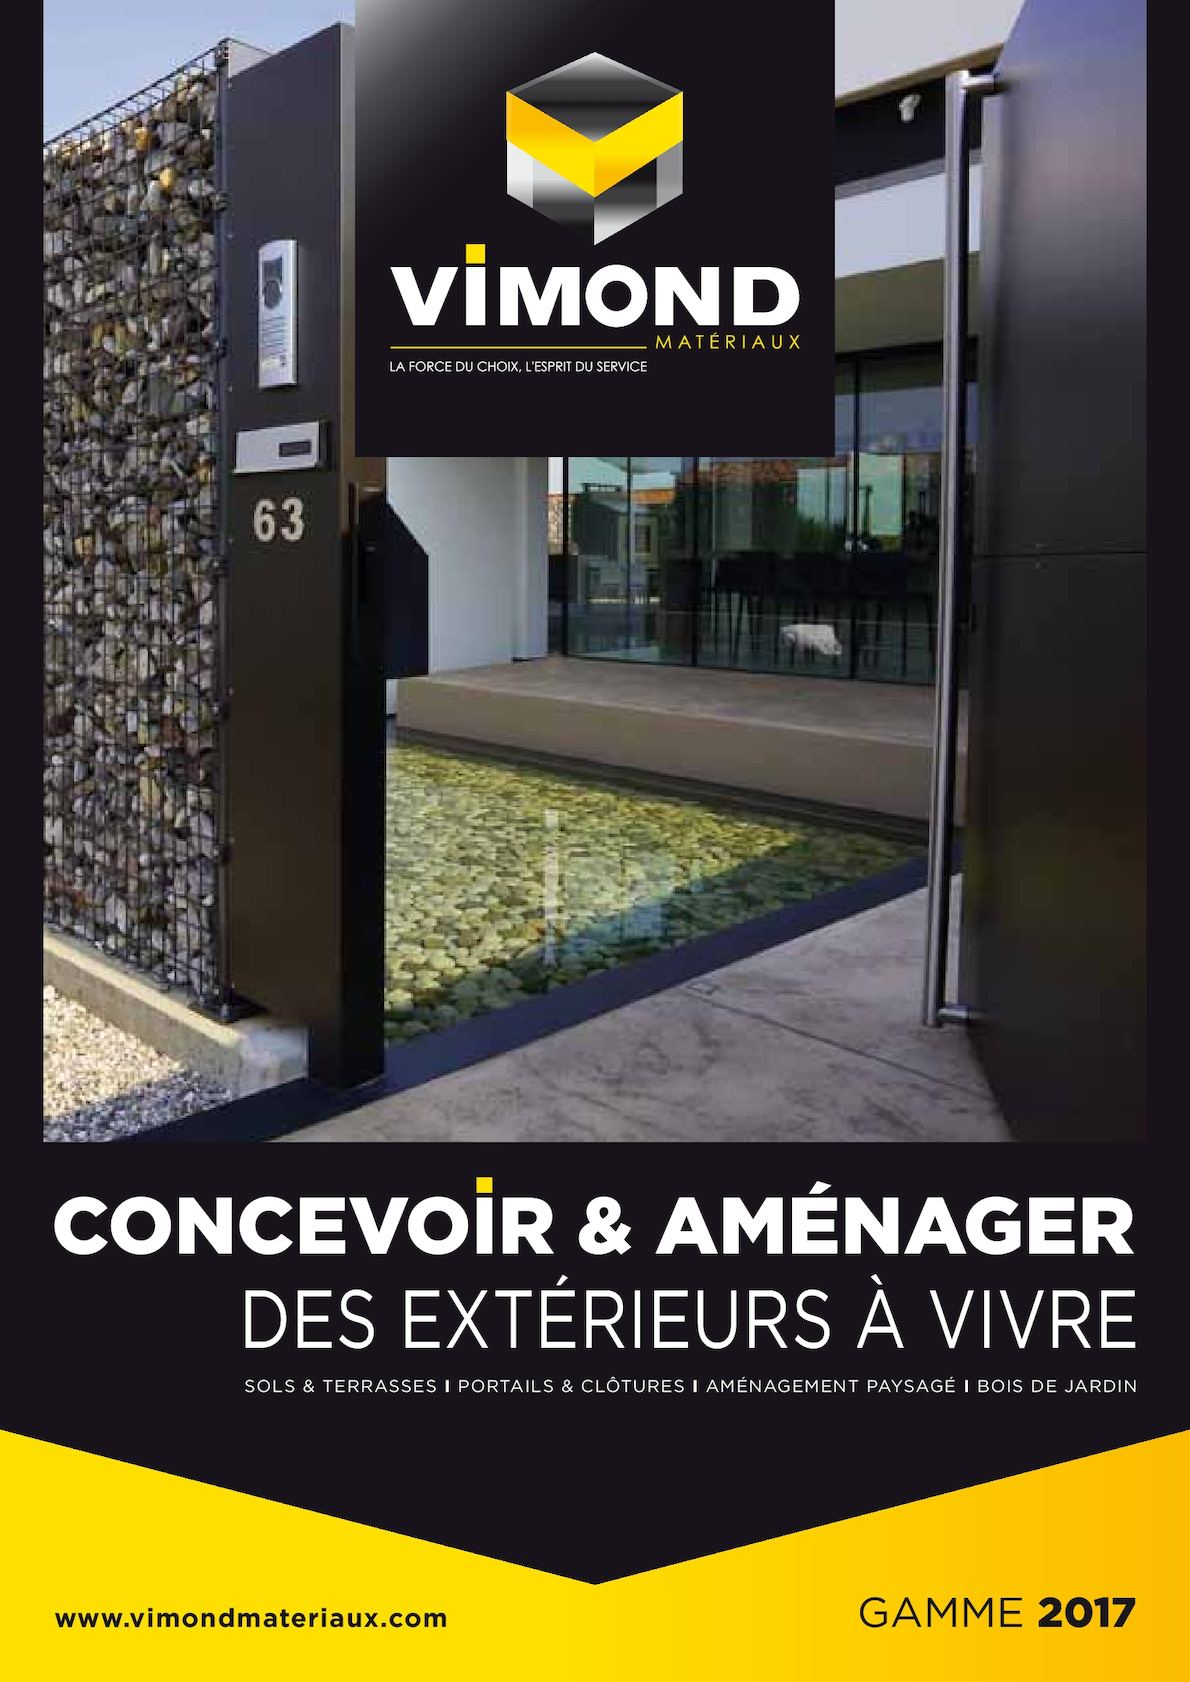 Brise Vue Hauteur 1M70 calaméo - vimond gamme exterieur2017 web